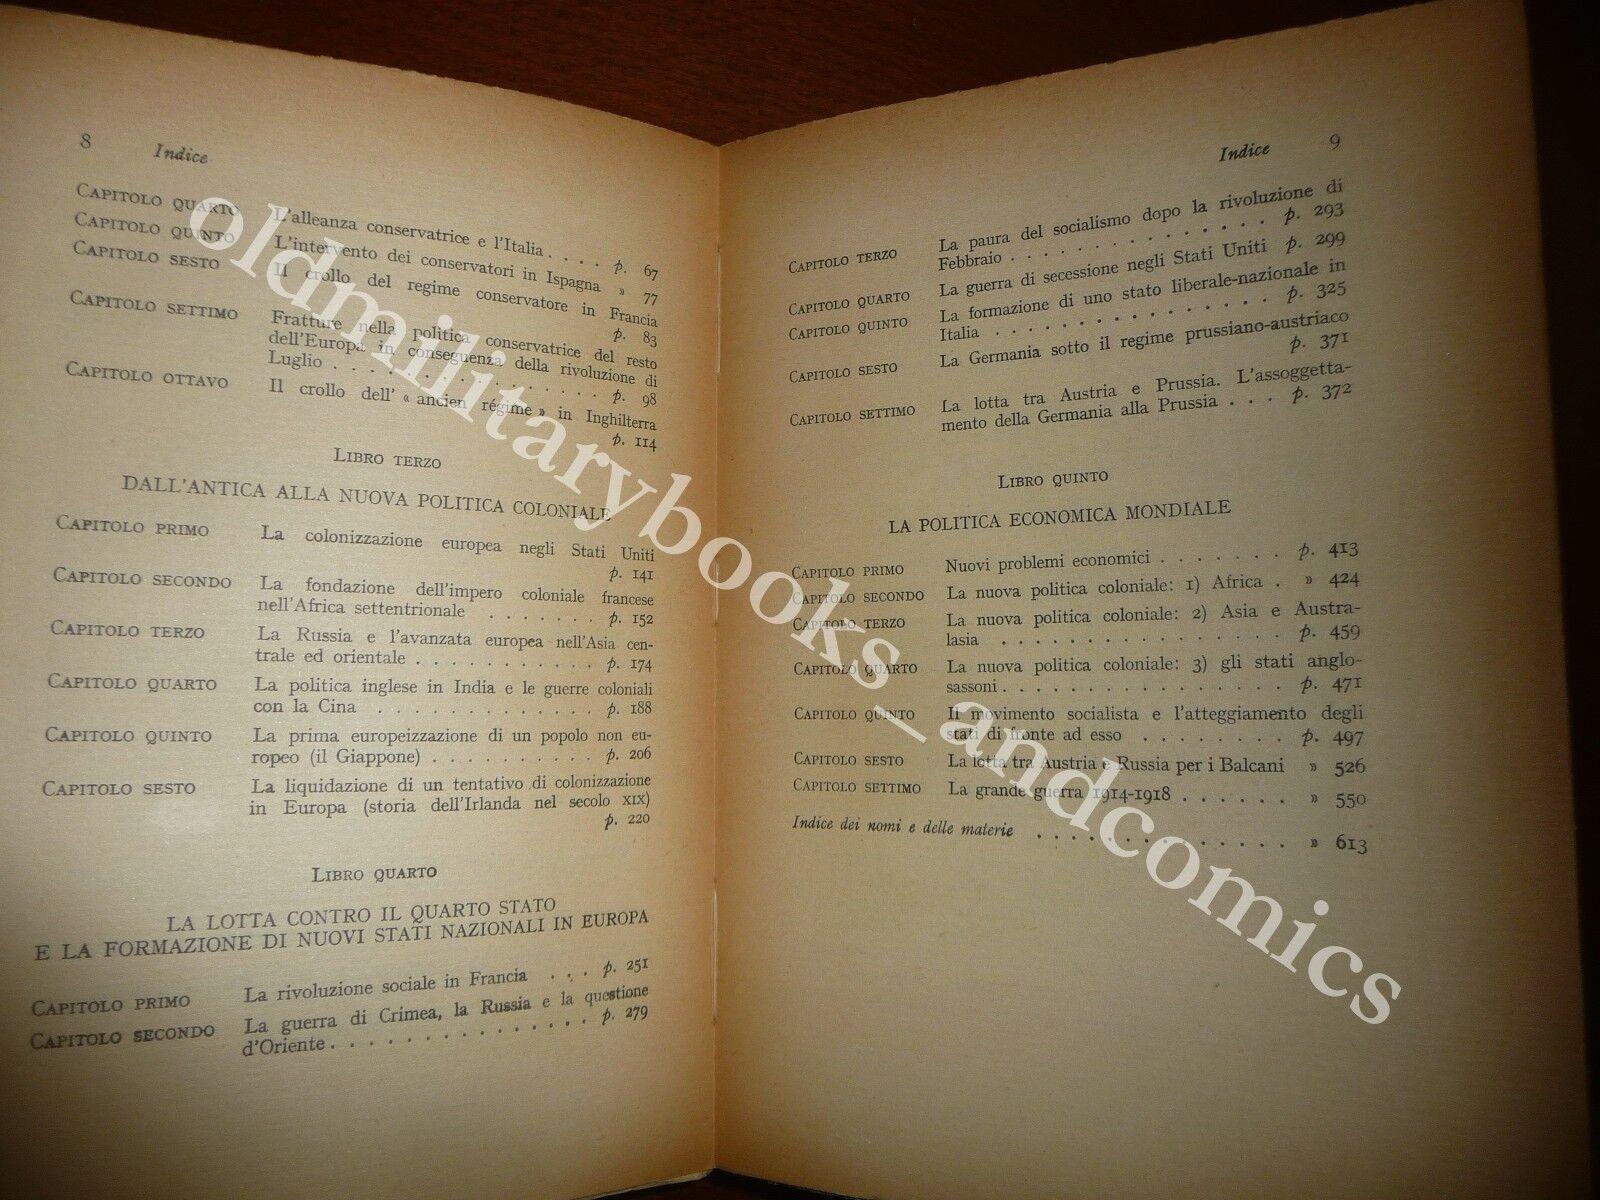 STORIA UNIVERSALE DEGLI ULTIMI CENTO ANNI 1815-1920 EDUARD FUETER 1950 III^ Ed.